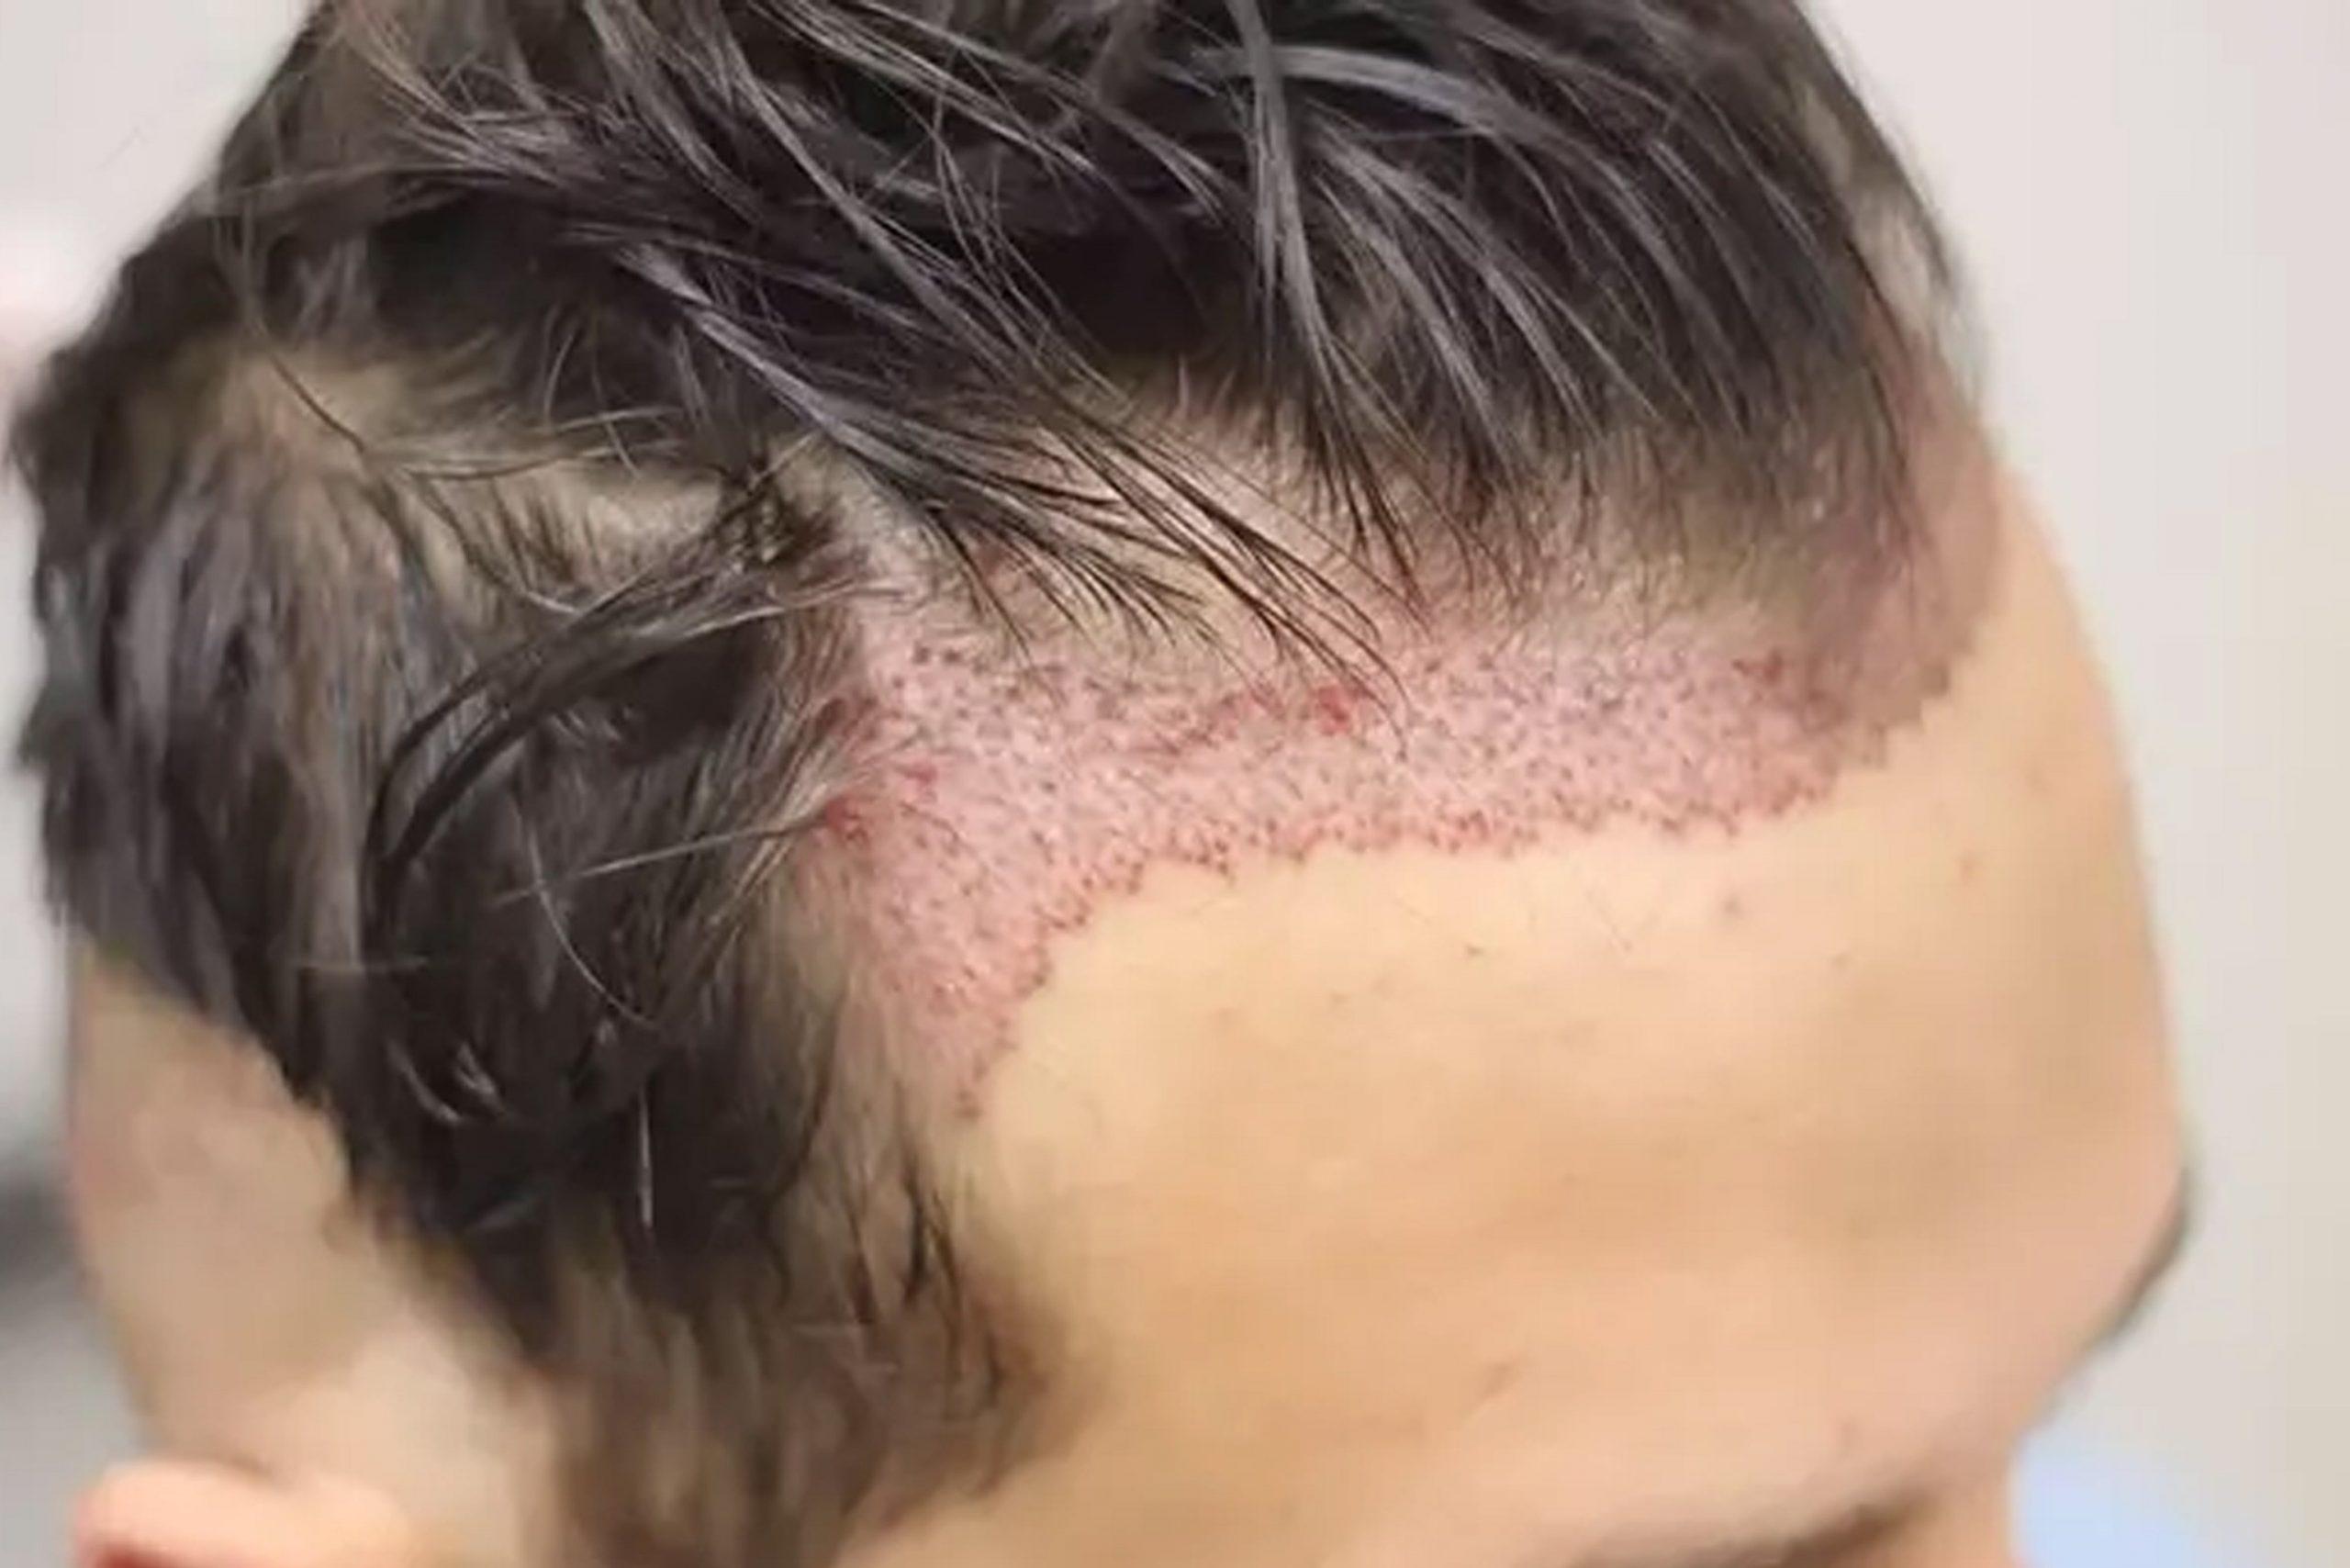 Greffe cheveux fue Tunisie